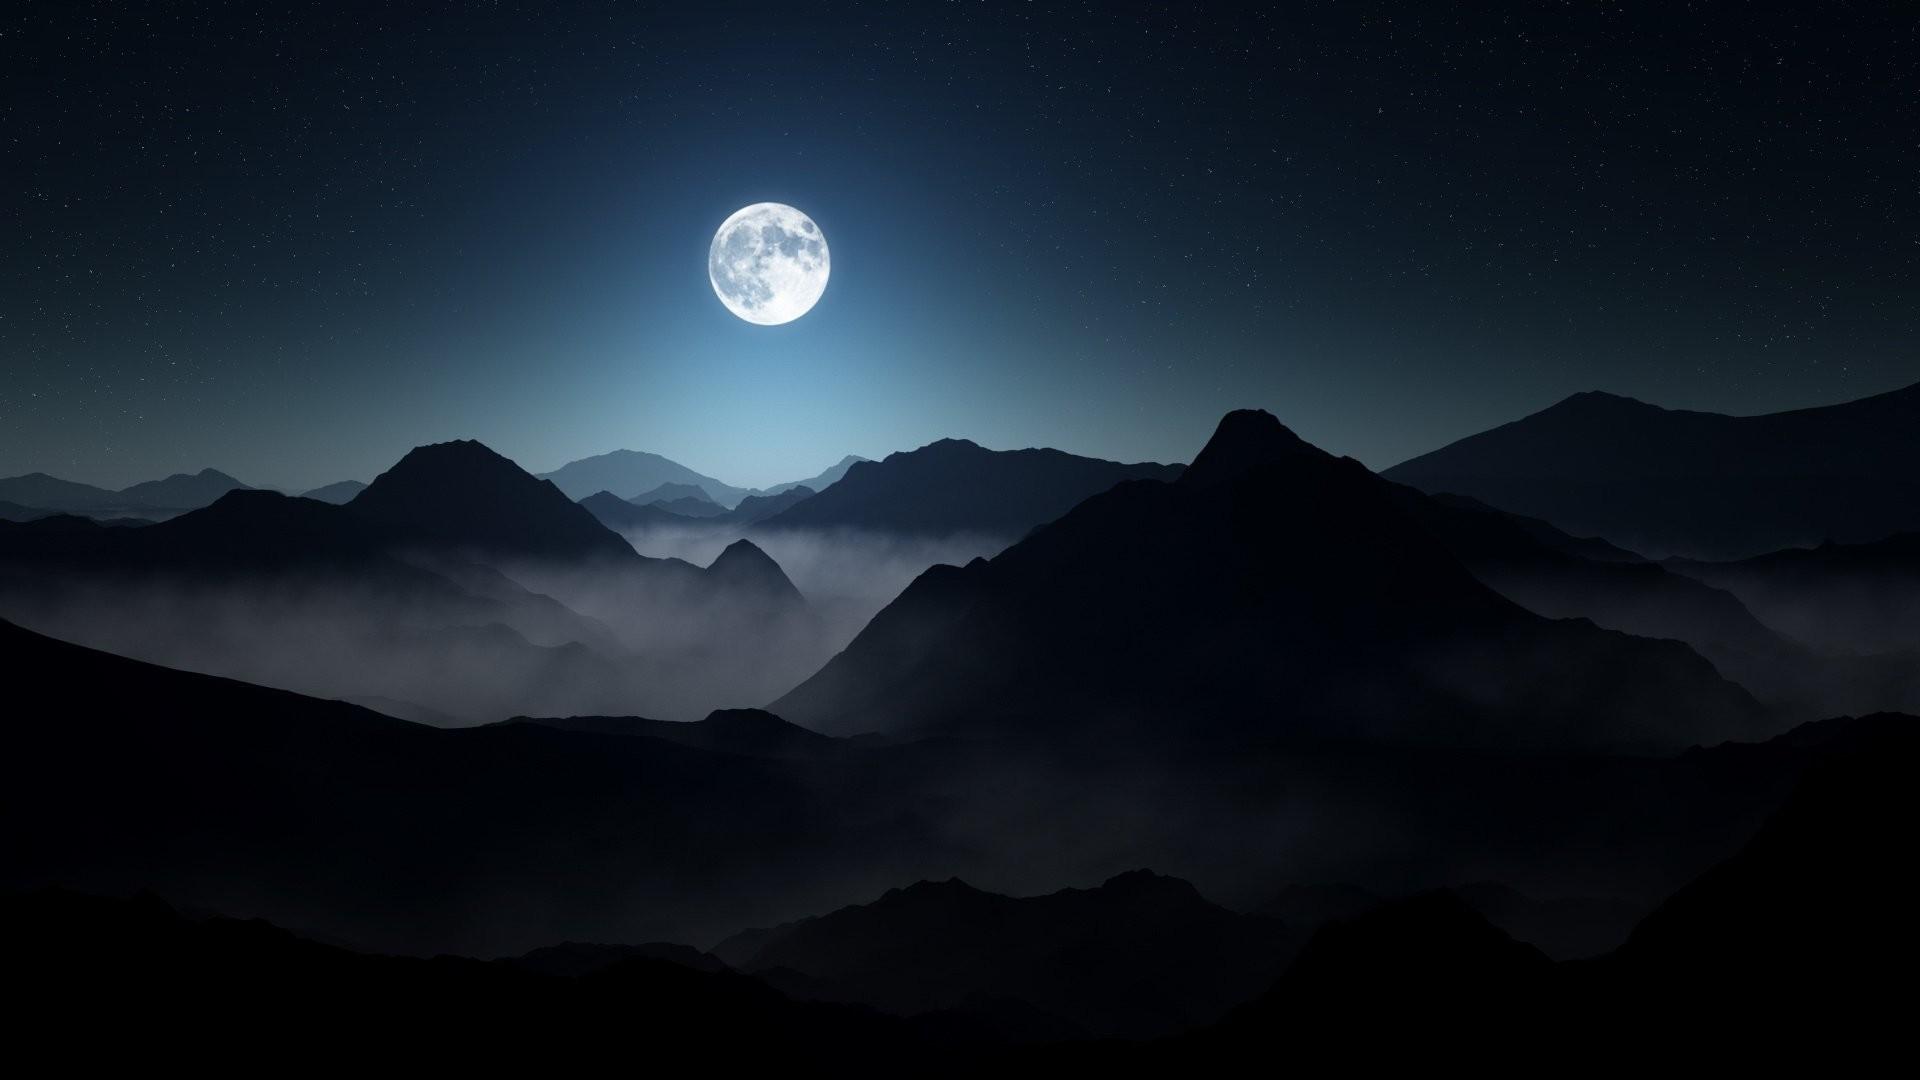 otto hütter darkness foggy landscape lighting moody moon mountains stars  dark night full moon mountain fog